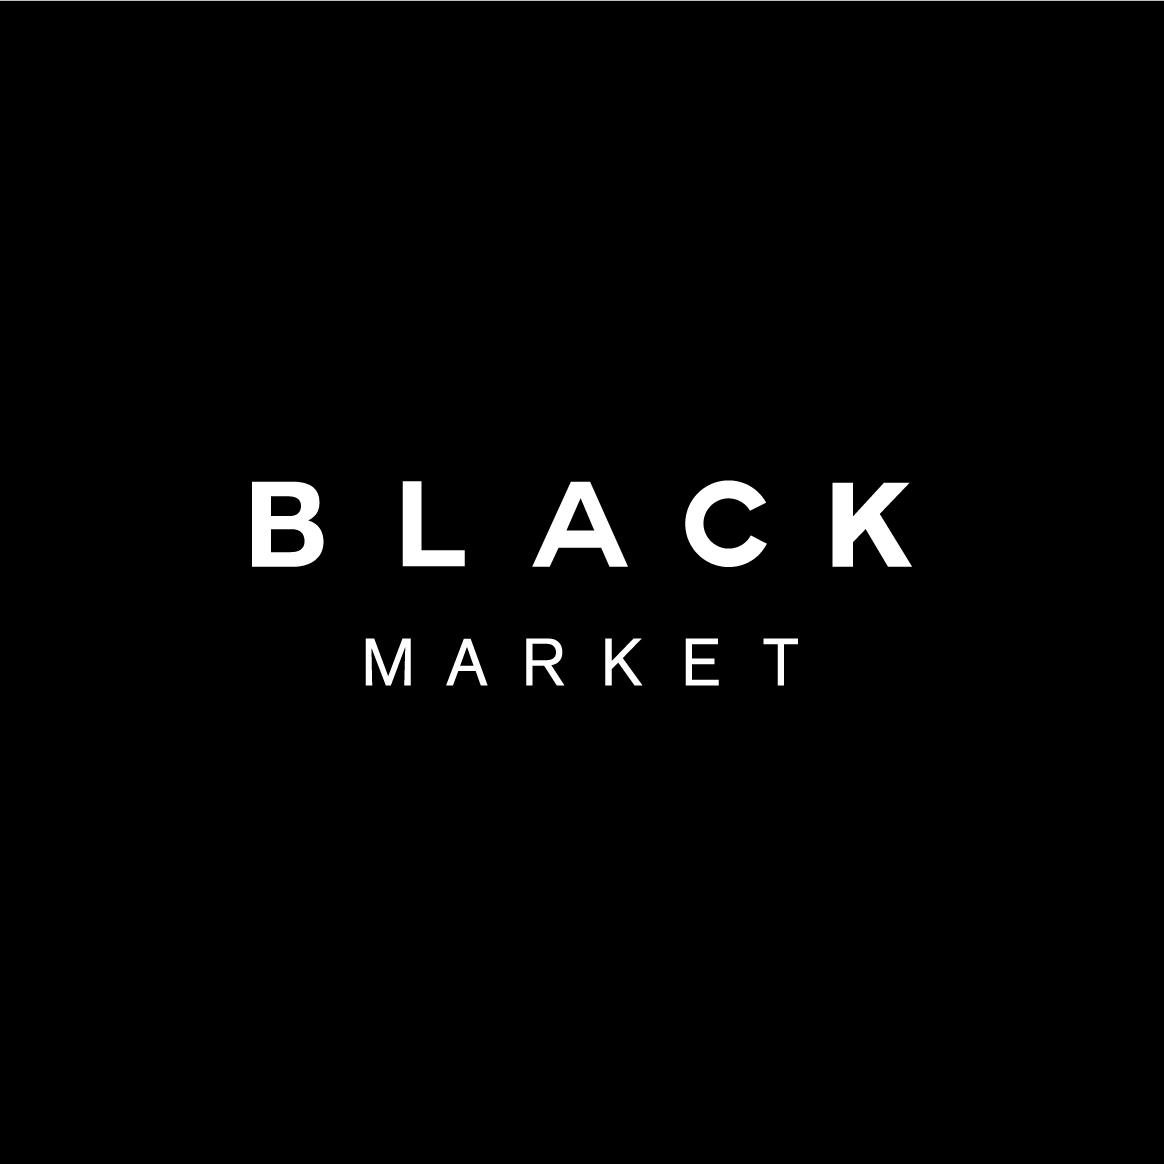 السوق السوداء - نشاط اقتصادي ينفذ خارج نطاق الطرق الحكومية المشروعة - تجنب قيود الأسعار أو الضرائب التي تفرضها الحكومة - المخدرات والأسلحة النارية